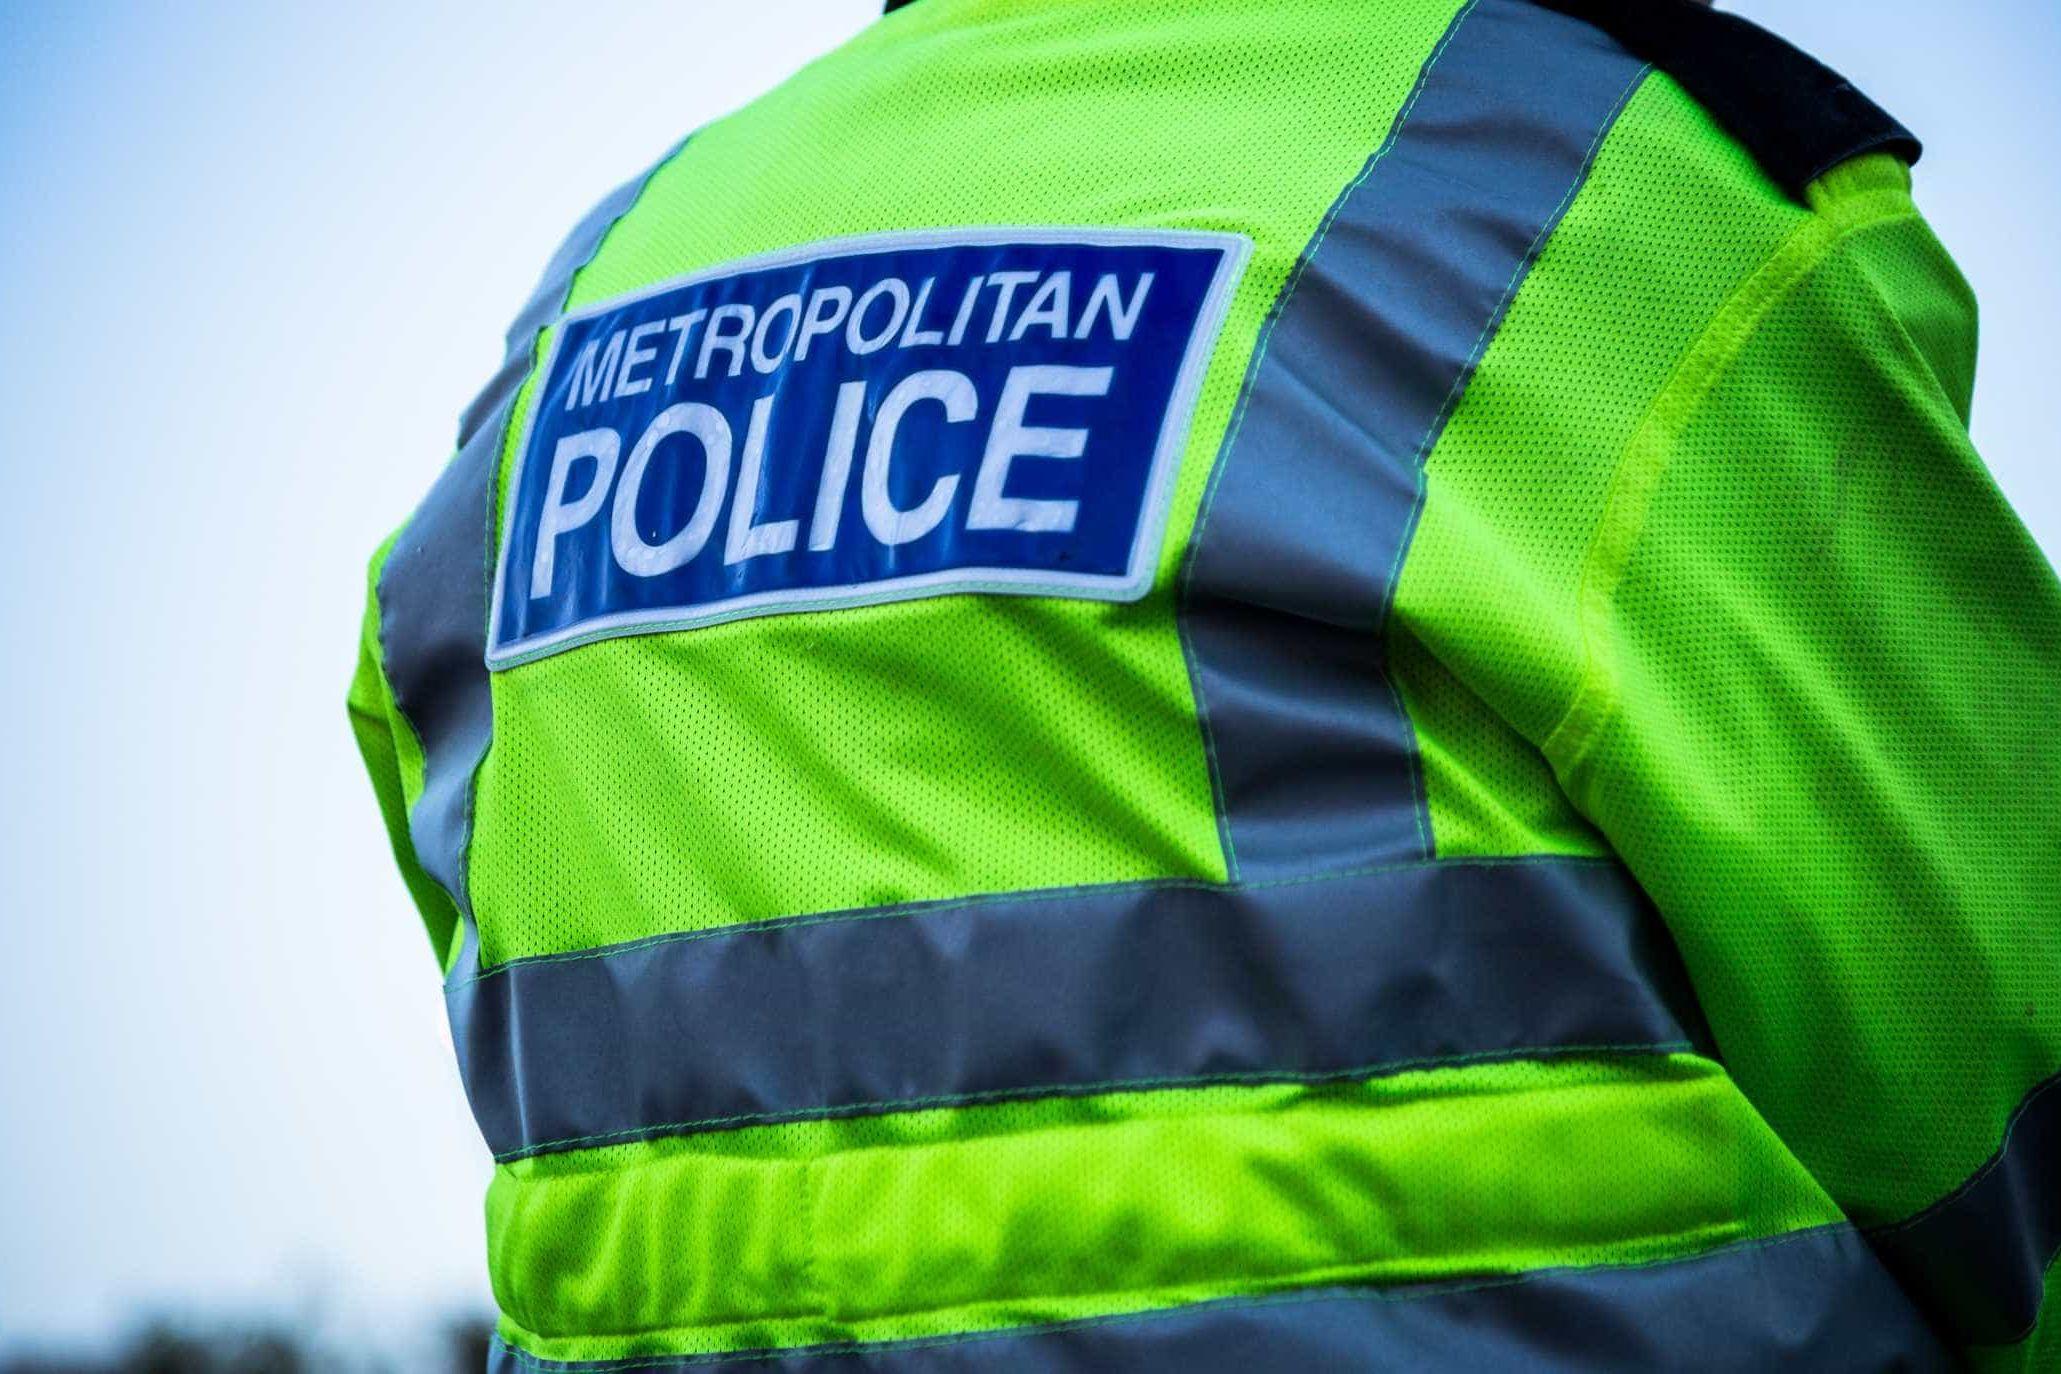 Dois adolescentes detidos for esfaqueamento mortal em Londres